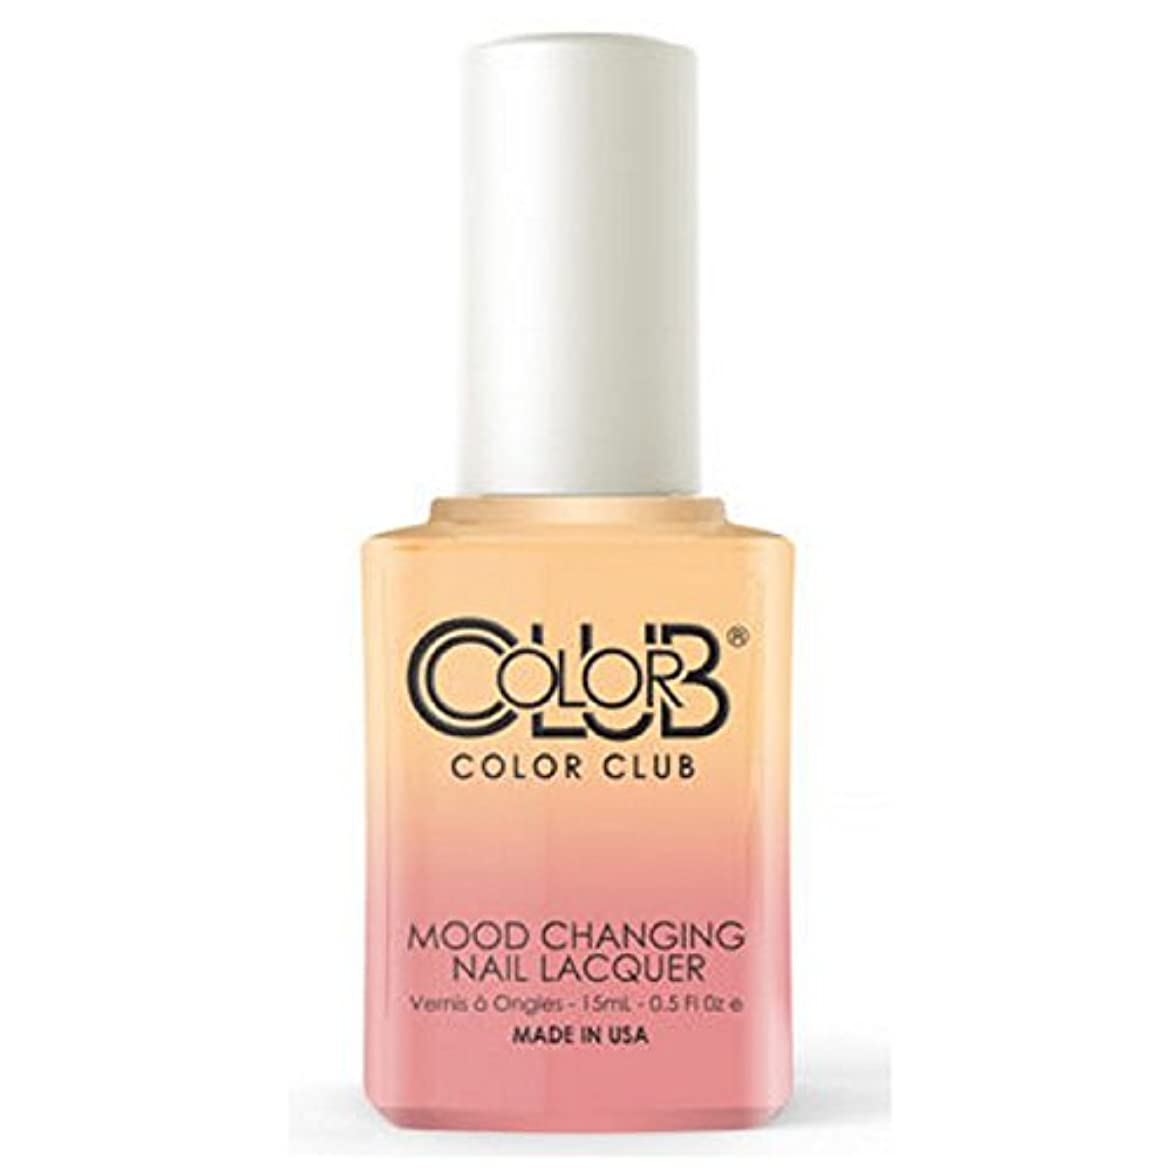 効果的に合併症クリープColor Club Mood Changing Nail Lacquer - Happy Go Lucky - 15 mL / 0.5 fl oz